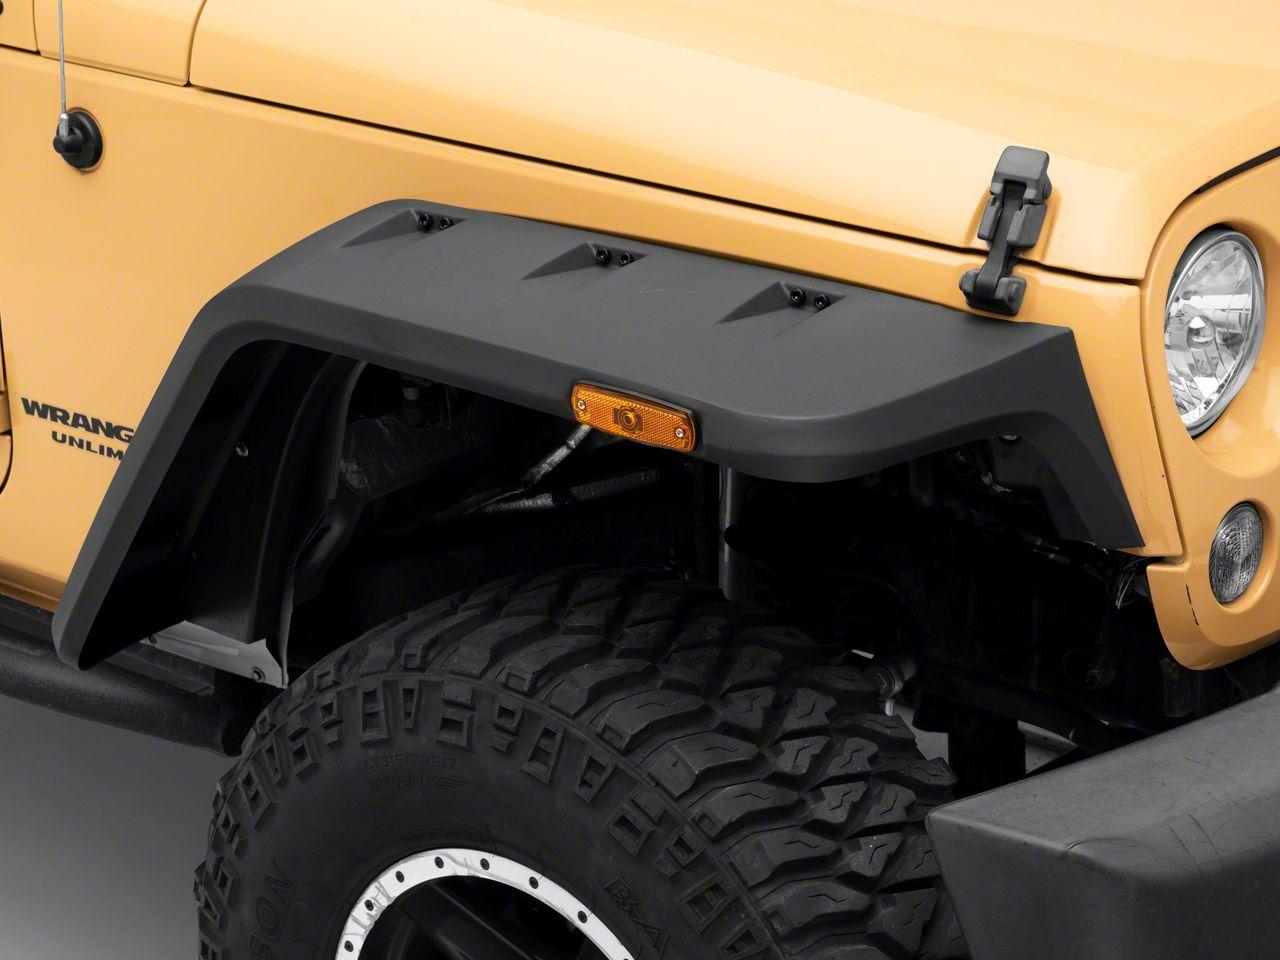 barricade jeep wrangler rivet style fender flares j102427 2013 jeep wrangler interior jeep wrangler rubicon